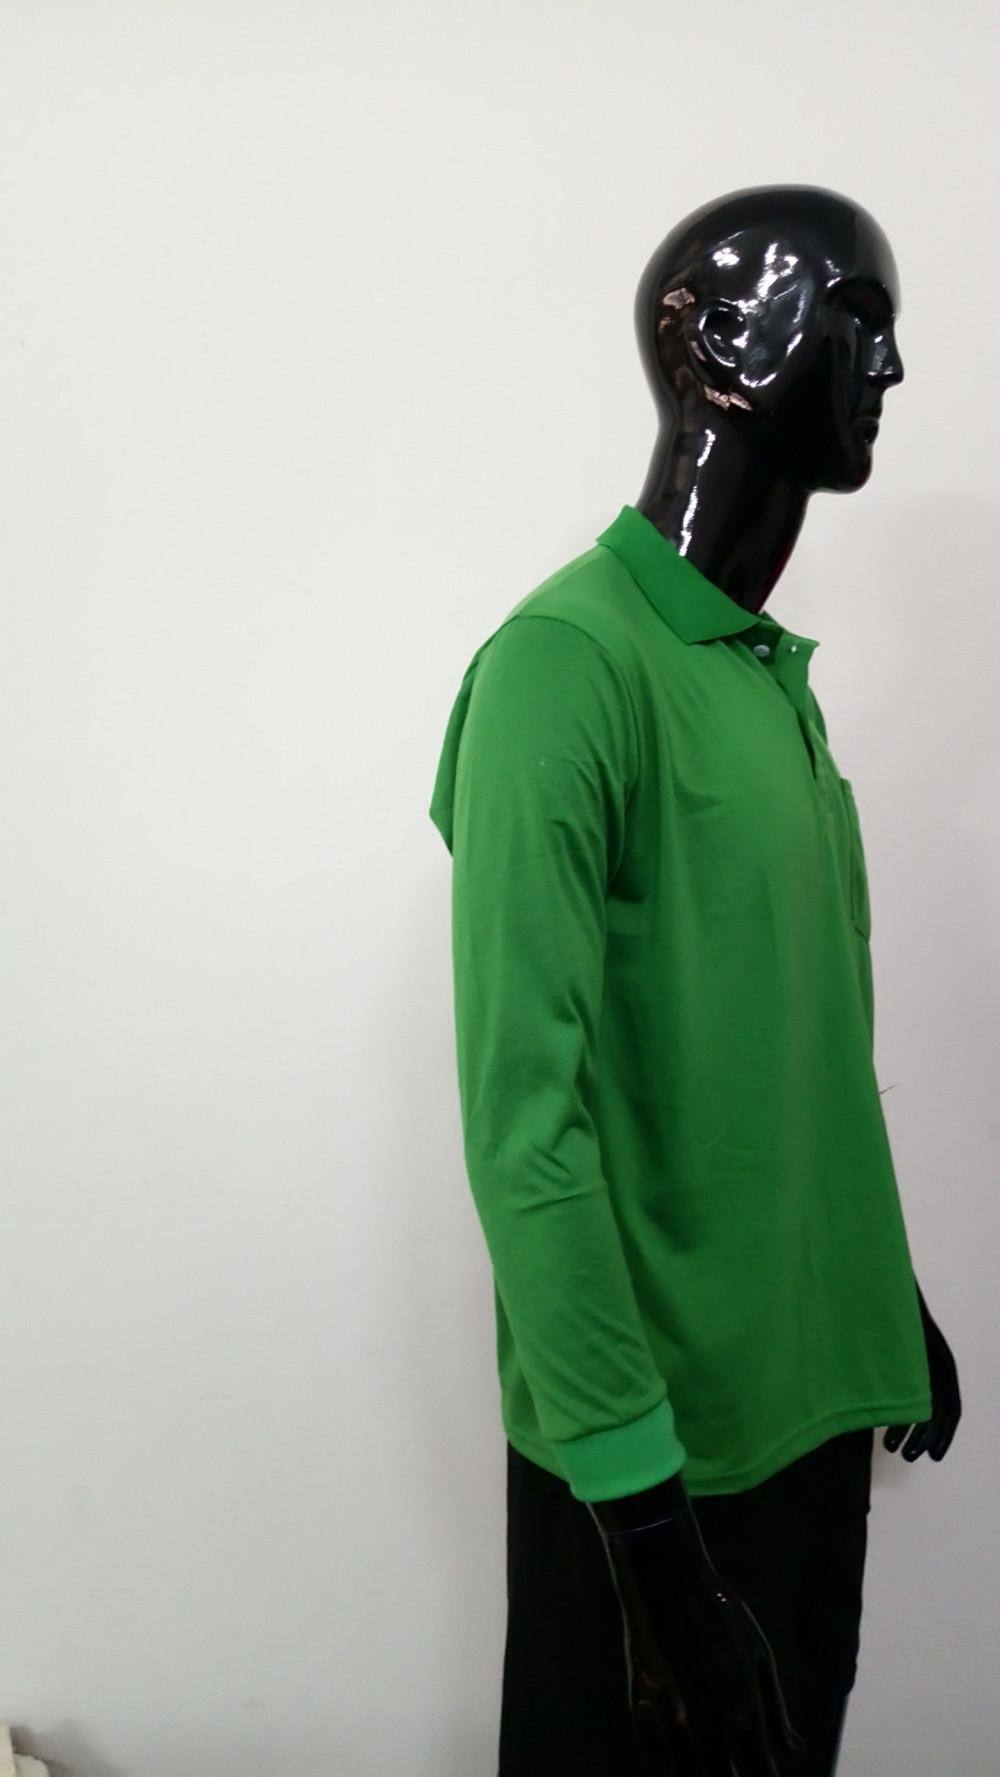 Mẫu áo thun cá sấu màu xanh lá cây - tay dài, cổ bẻ cho nam (3)